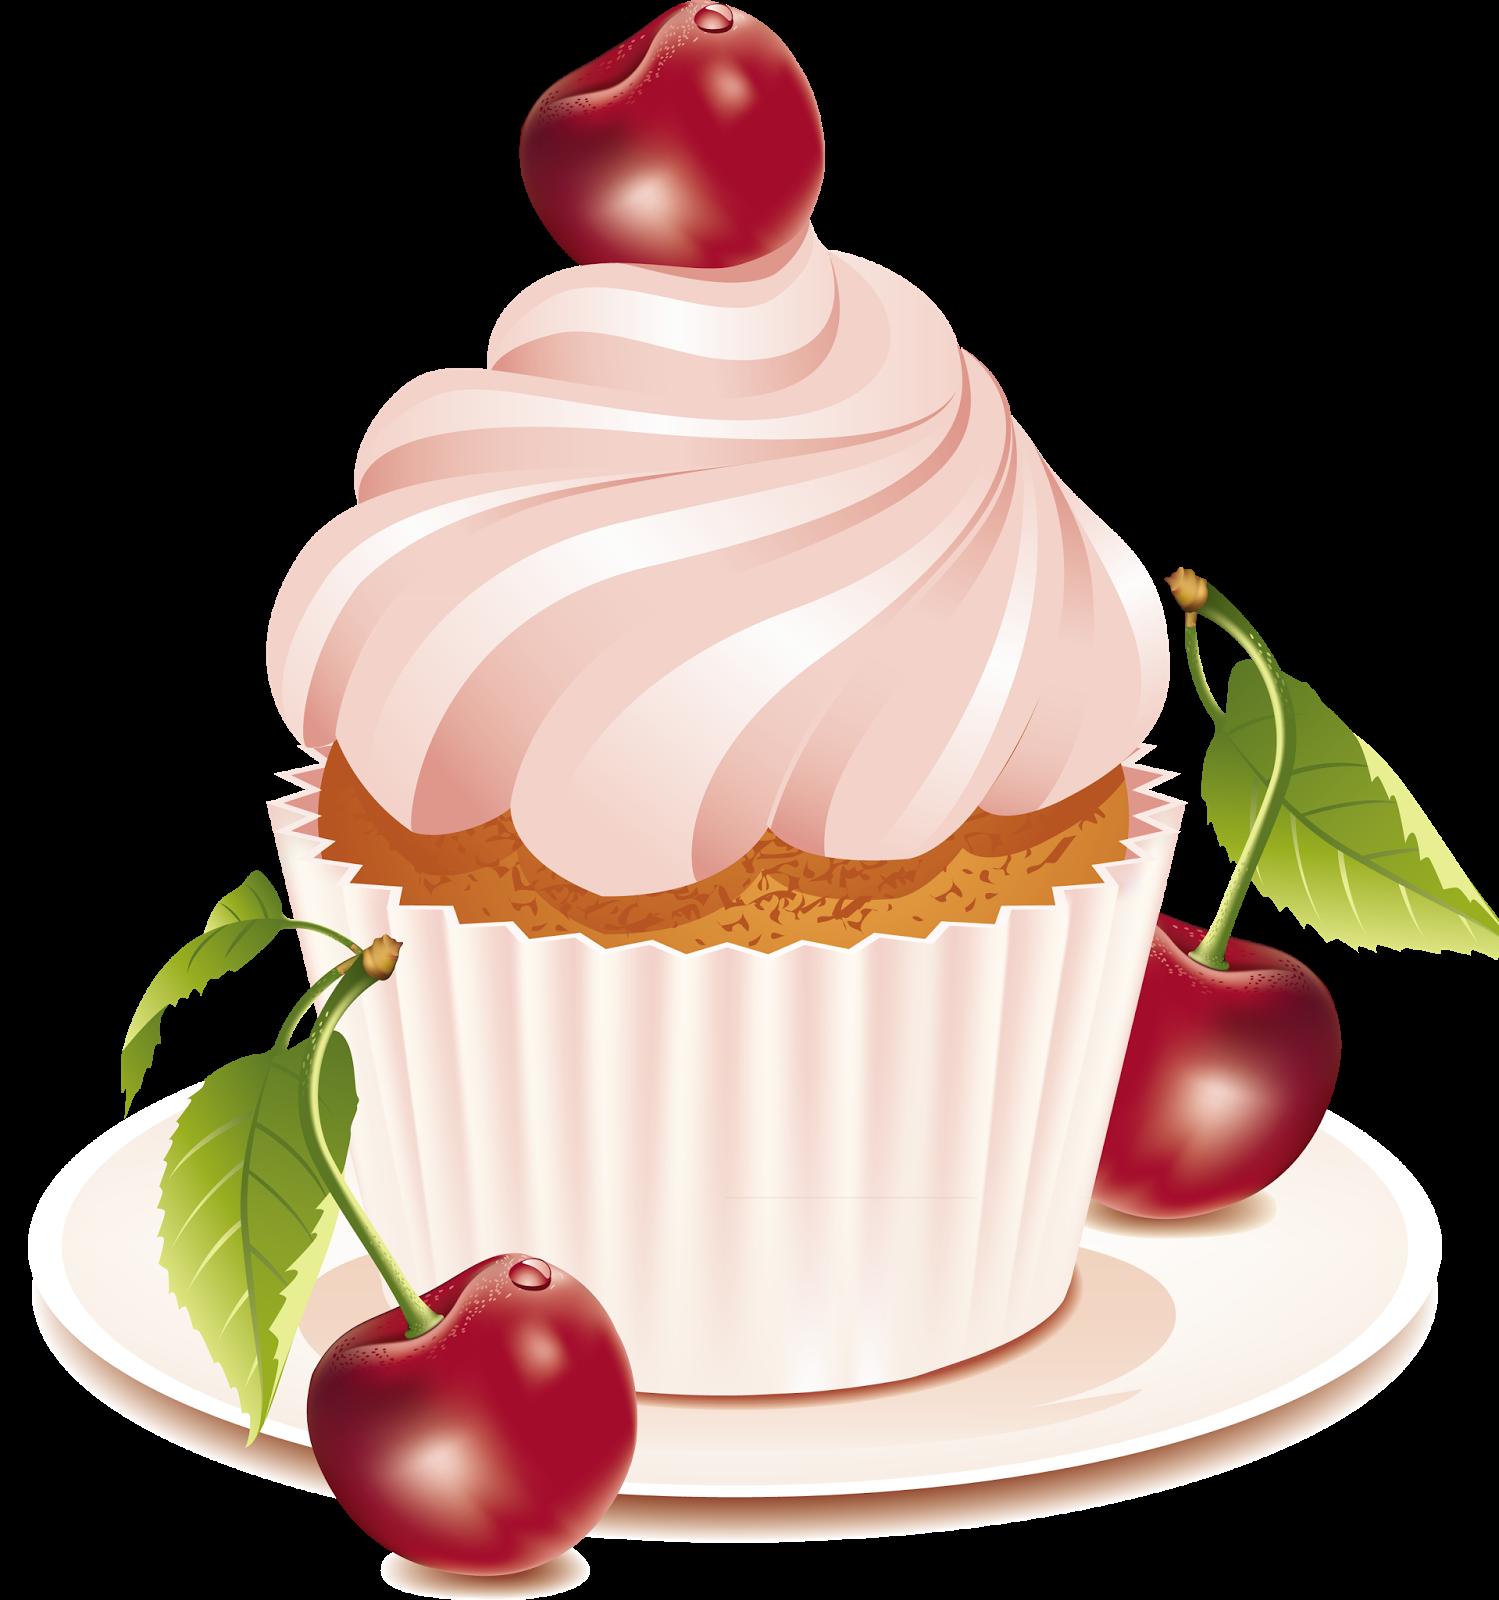 Retro clipart cupcake, Retro cupcake Transparent FREE for.